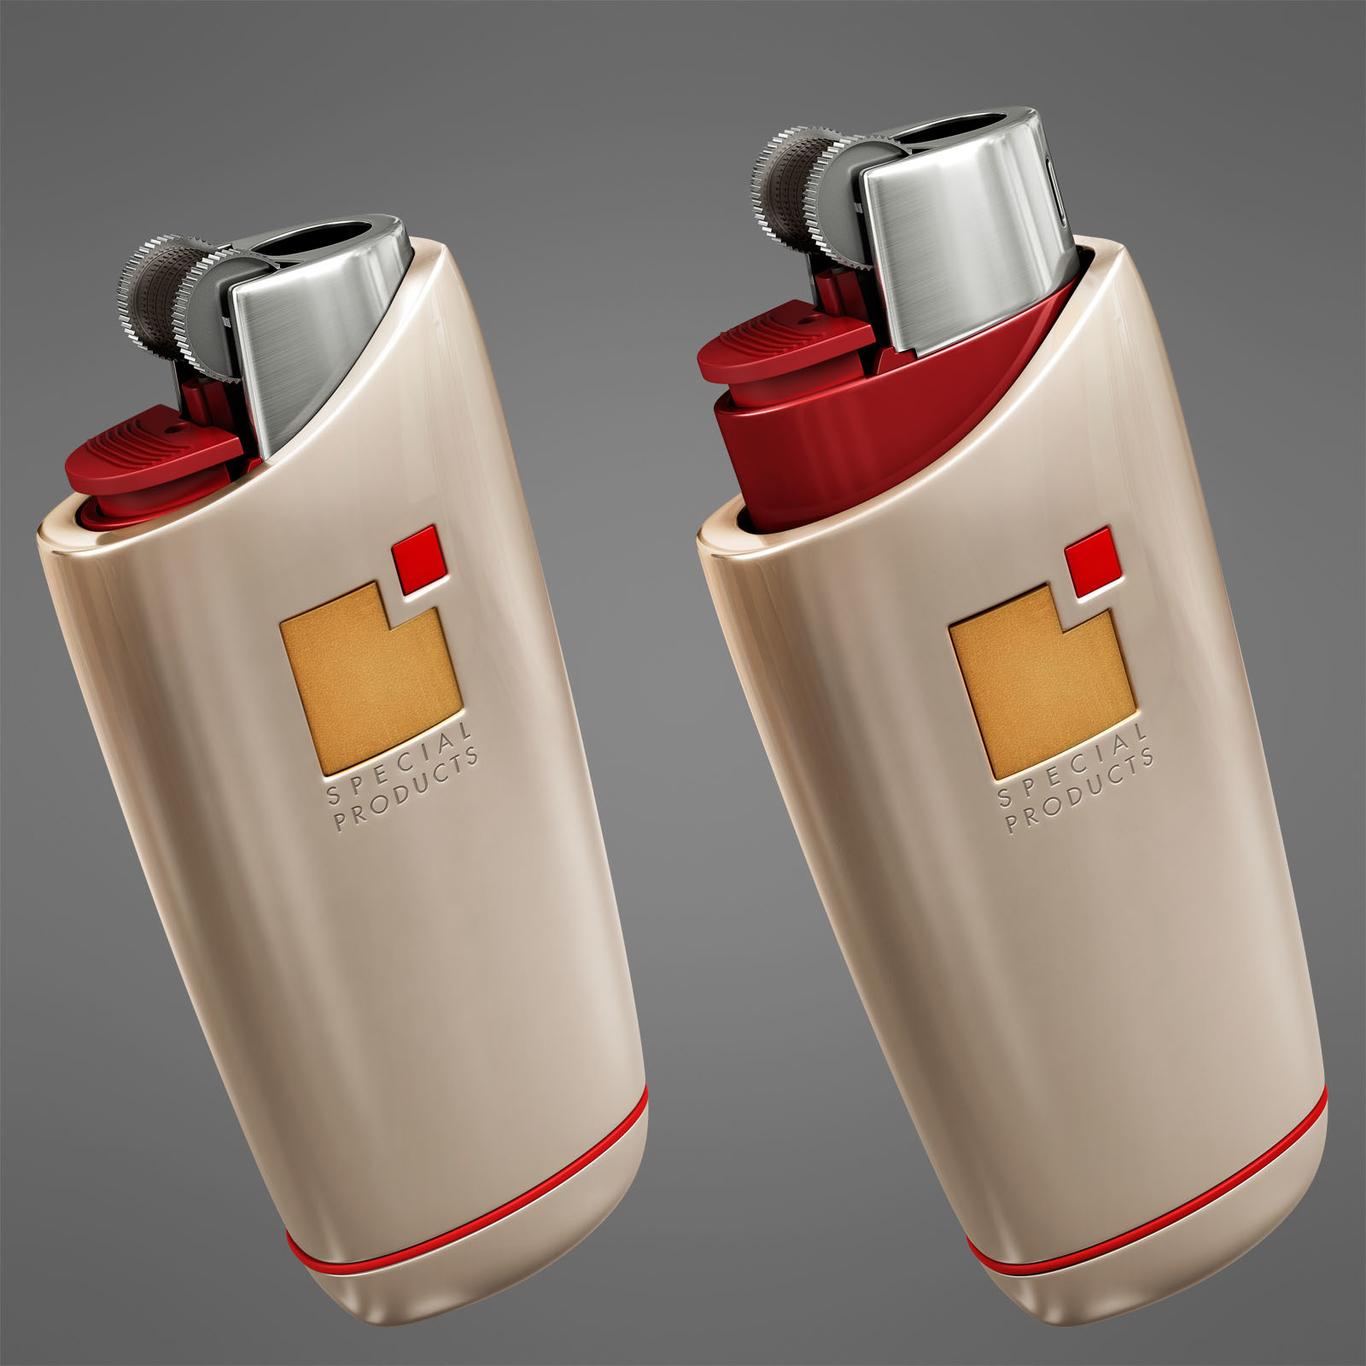 Marcelojr lighter 1 3621fba9 srn6